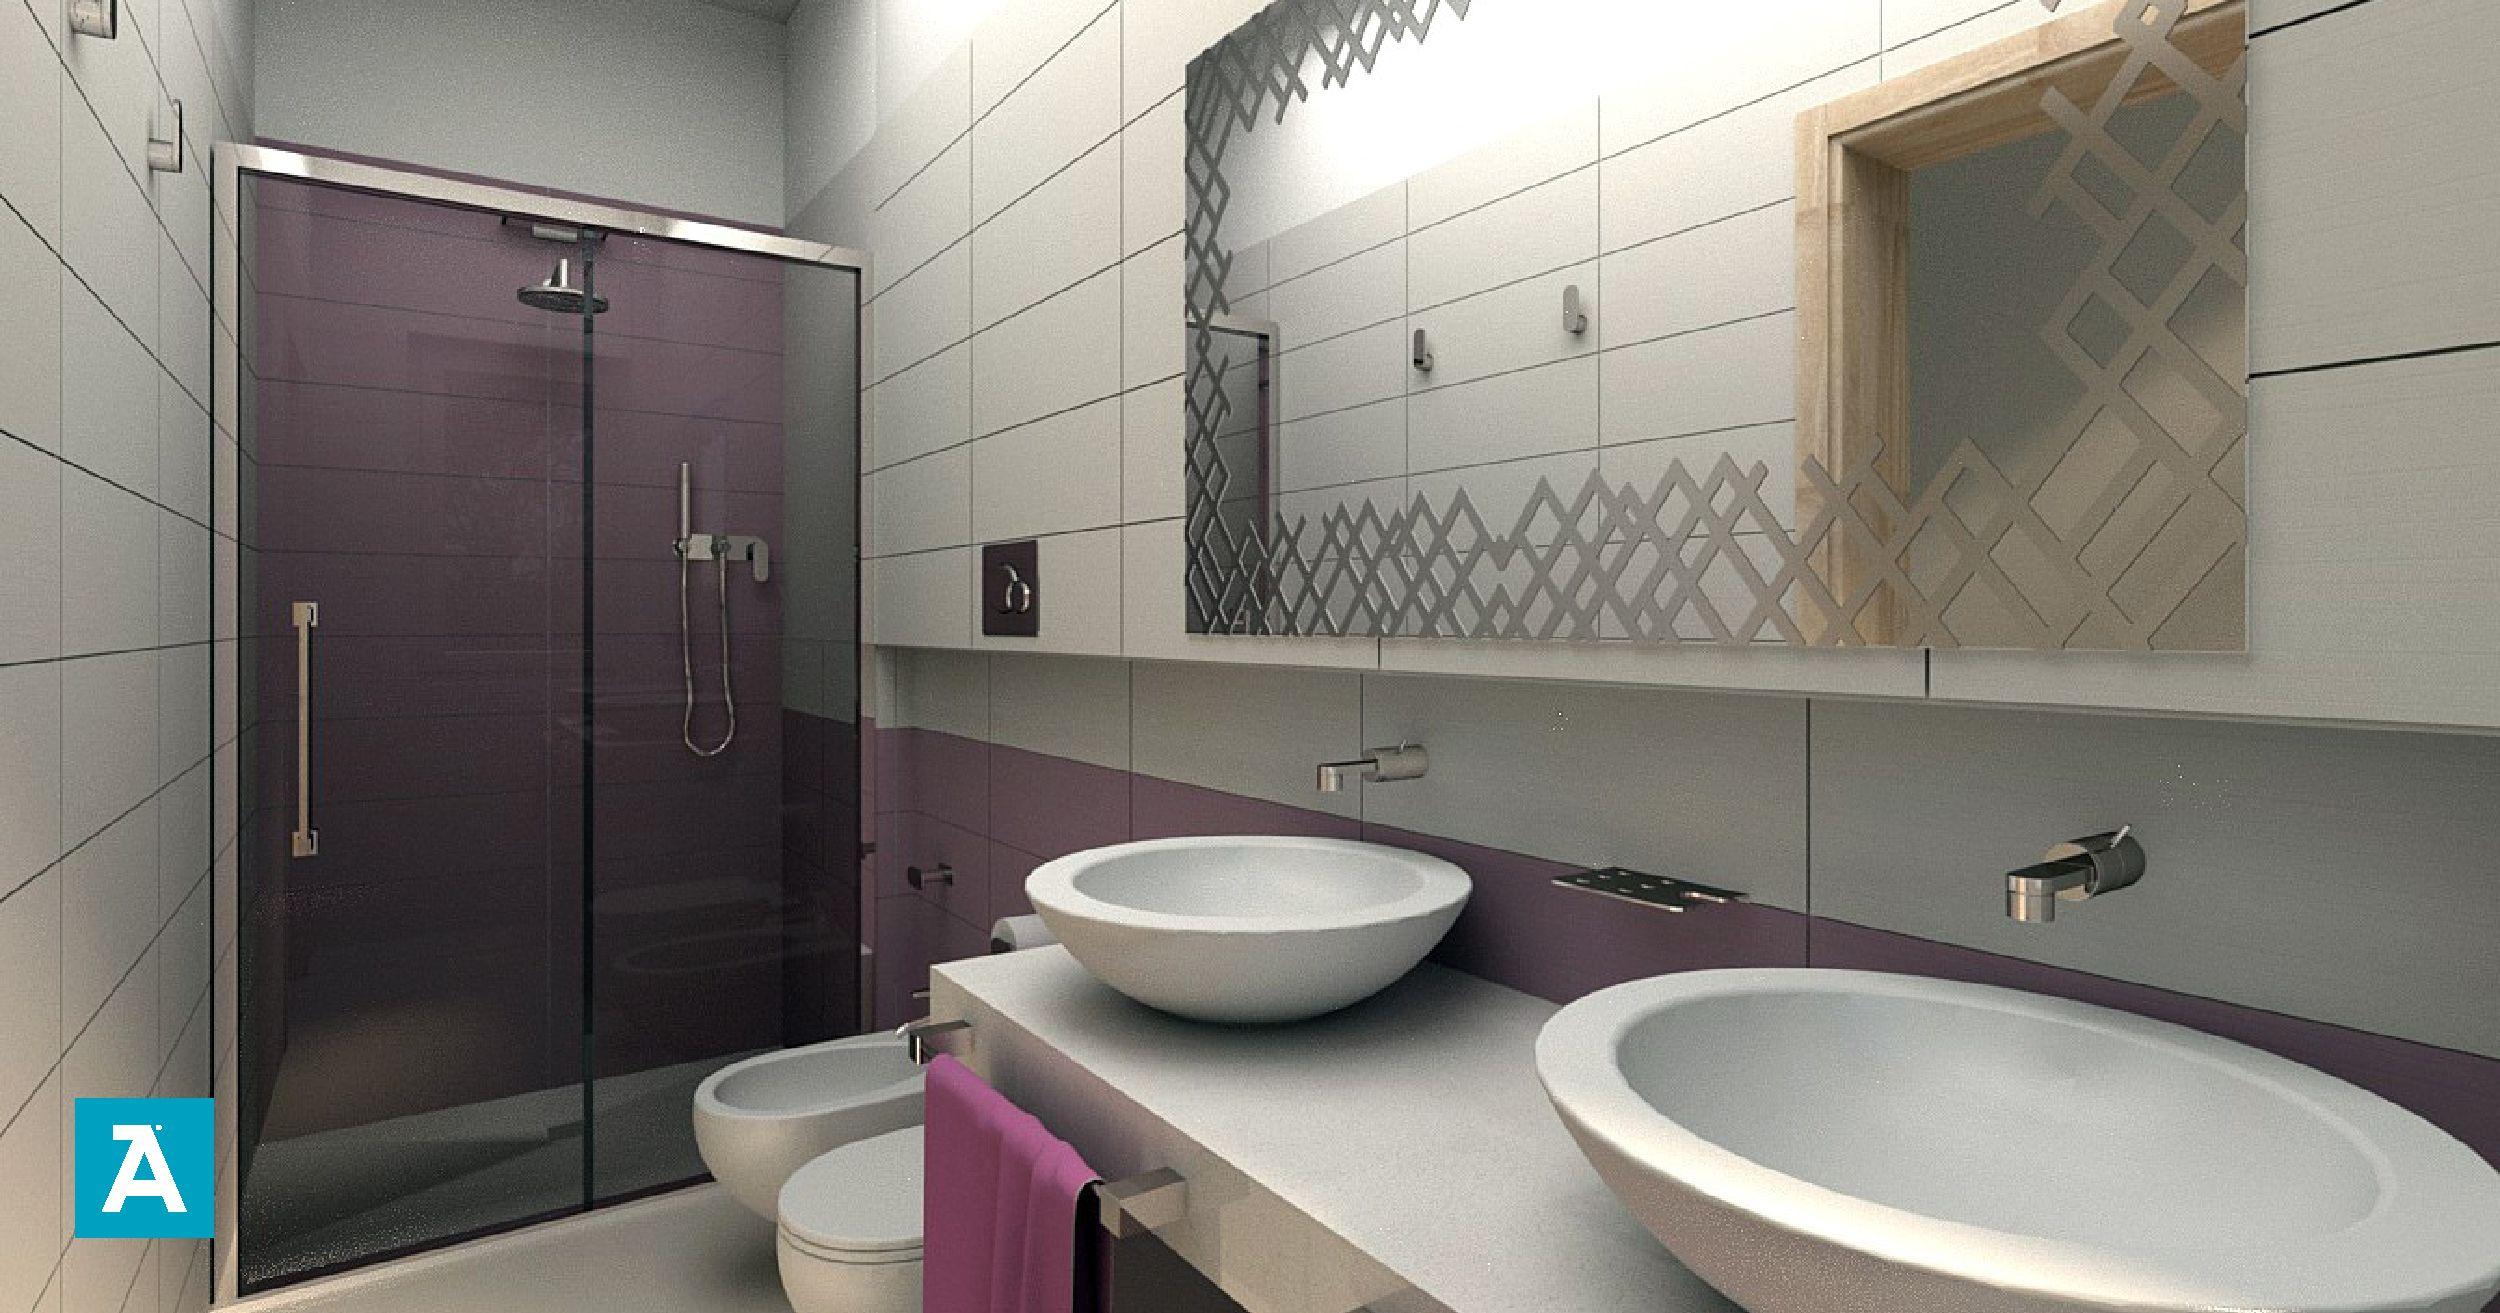 Only One Interior Design Software 3d To Realize Your Interior Projects Request Your Design Per Interno Contemporaneo Arredamento D Interni Interni